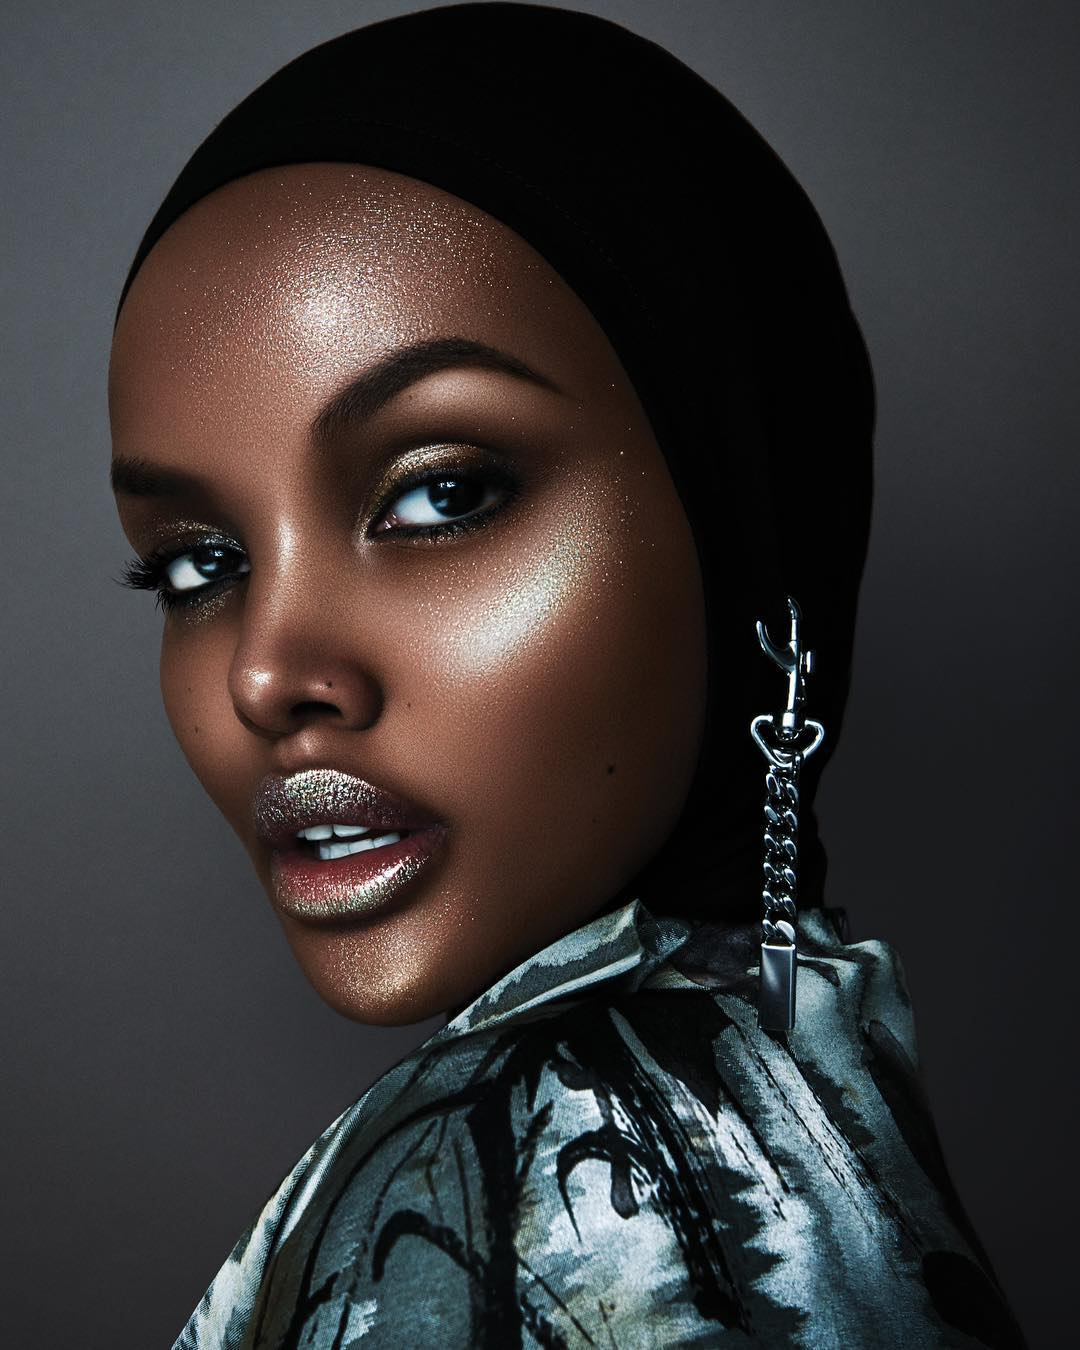 Модель из Кении снялась для глянца в купальном костюме мусульманок